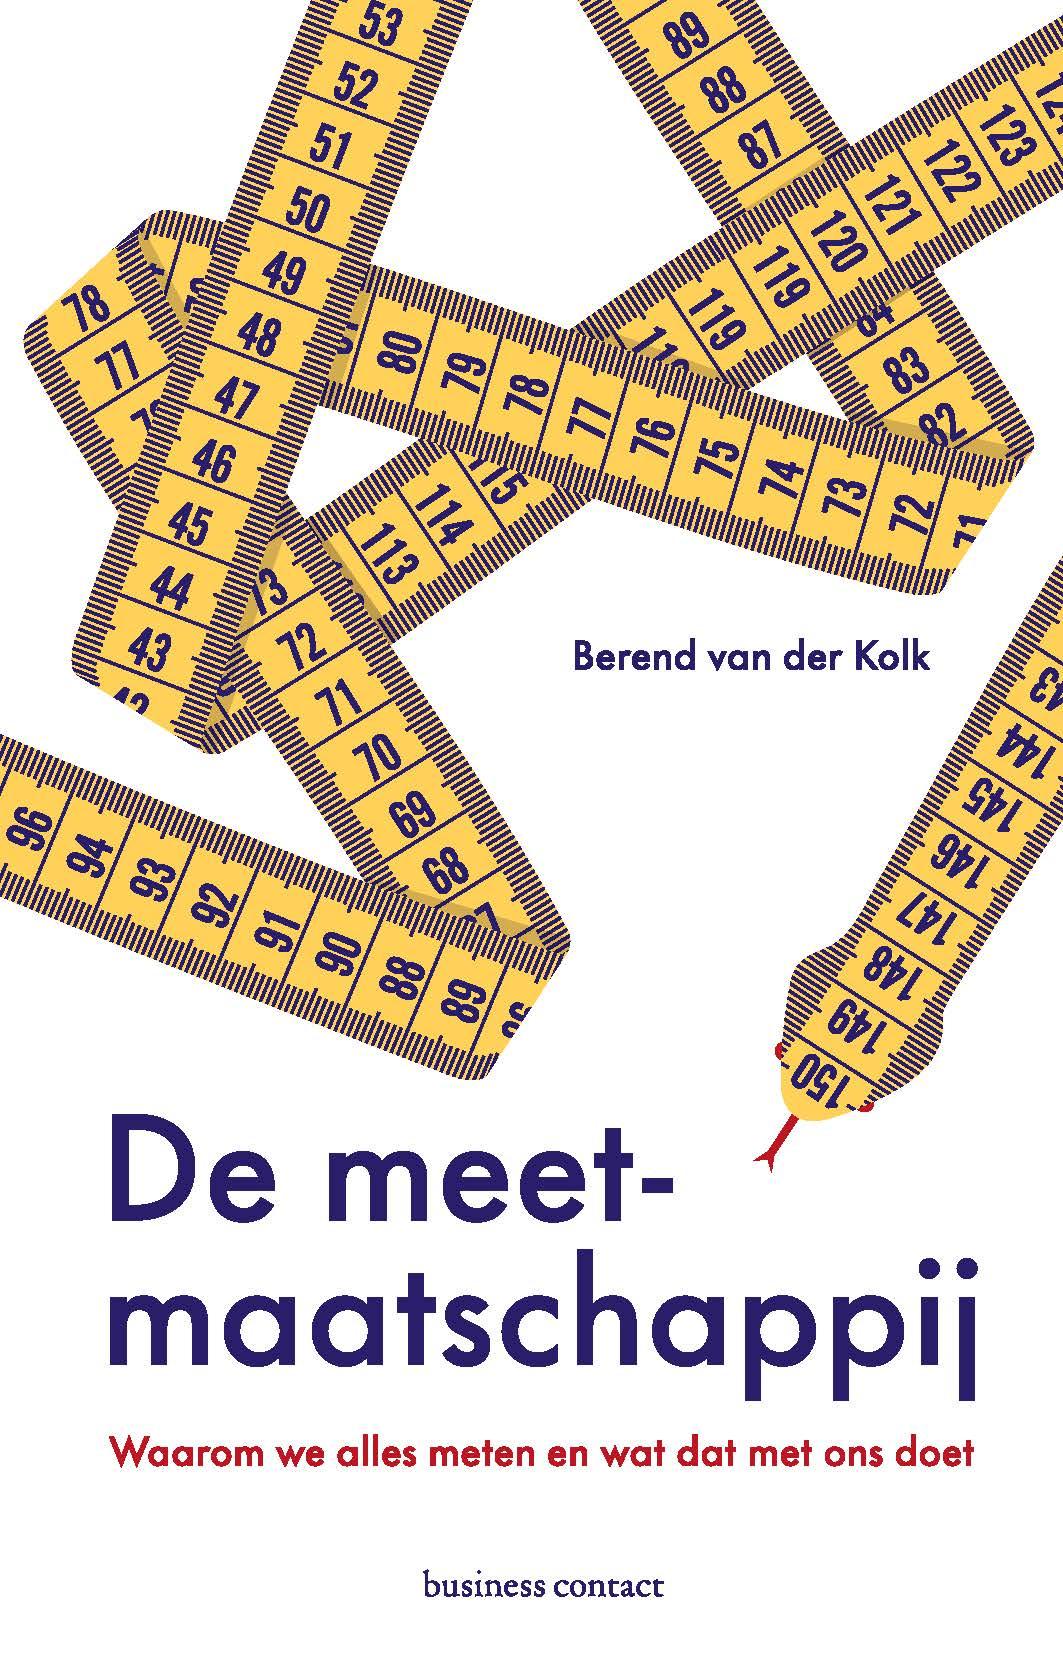 De meetmaatschappij - Berend van der Kolk